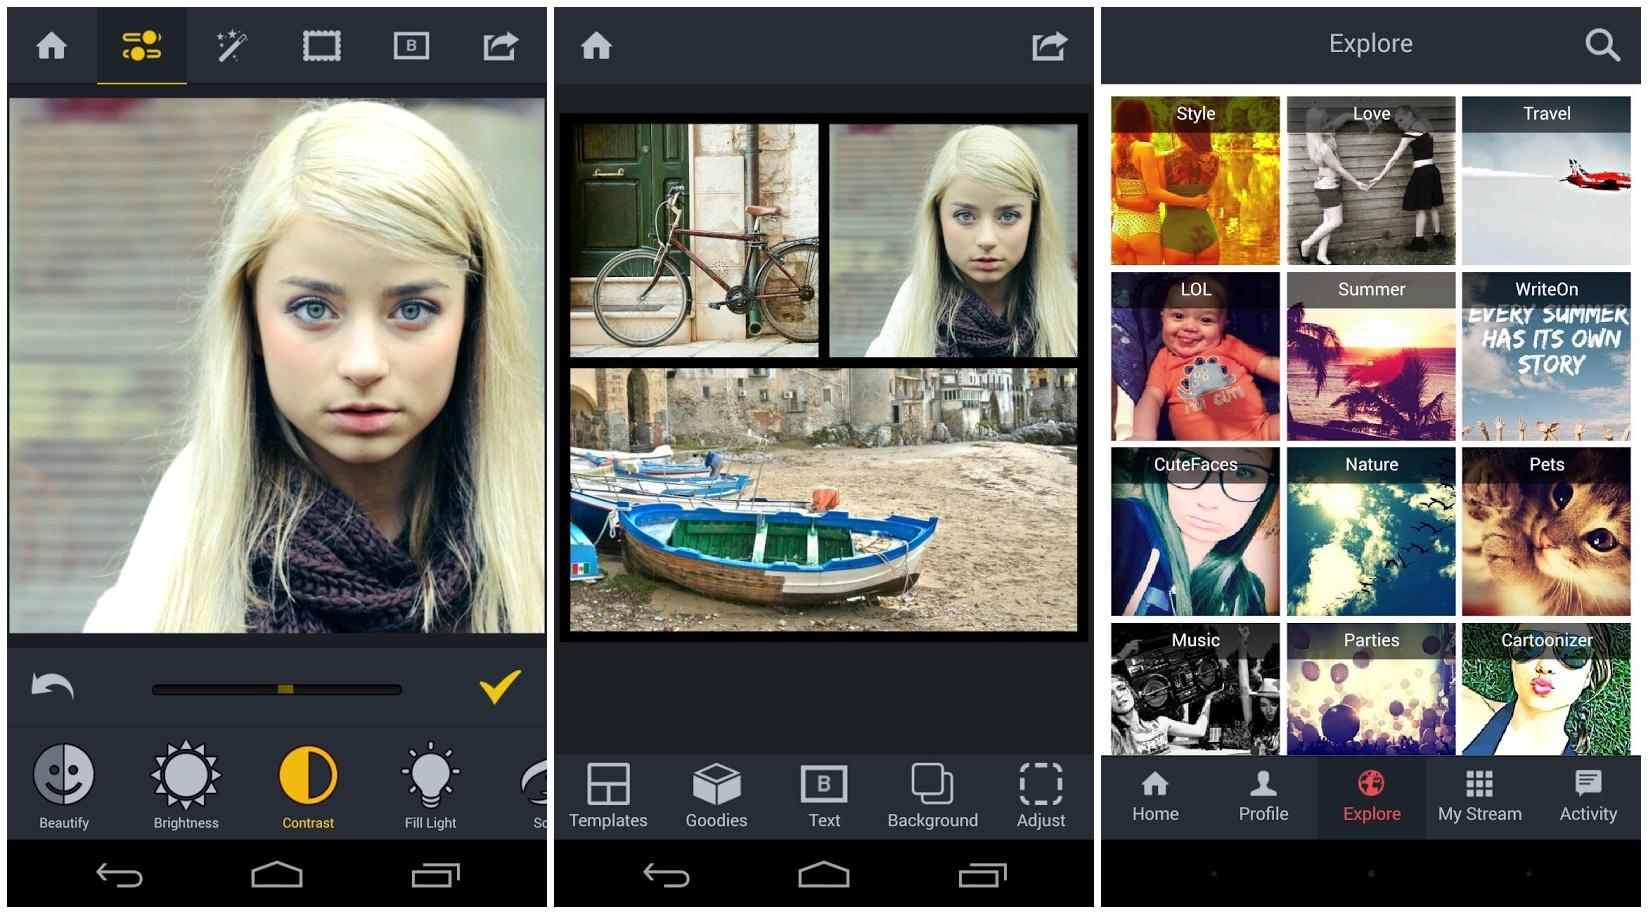 как можно редактировать фотографии на телефоне